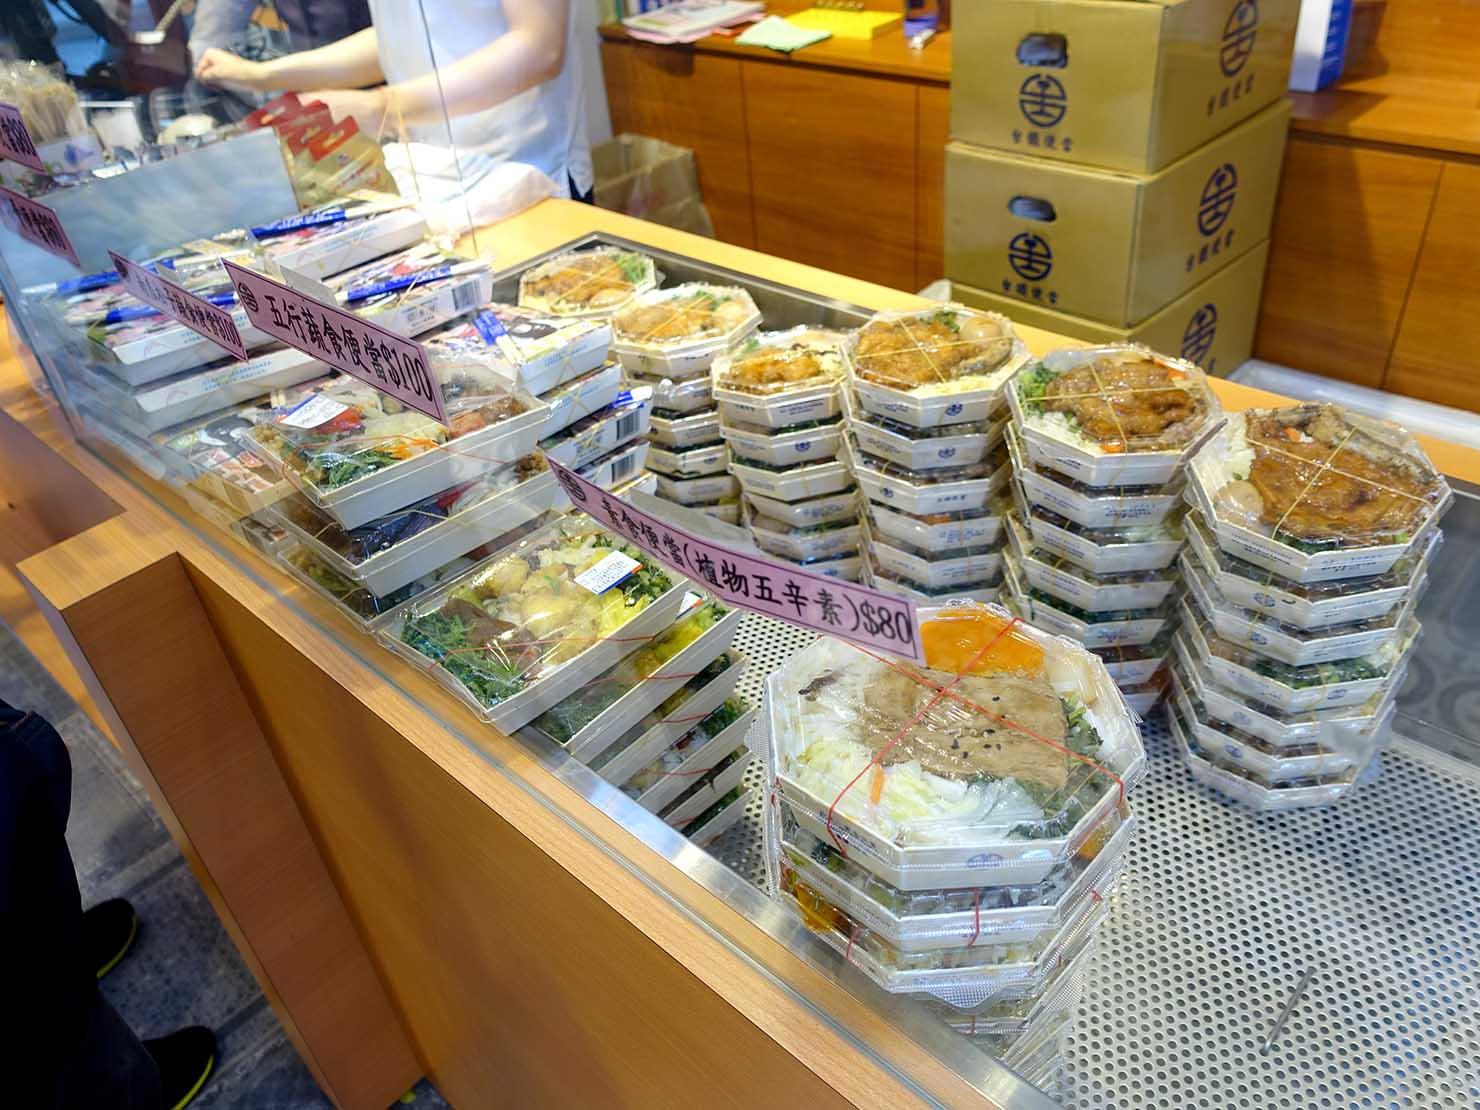 台北駅構内にある台湾版鉄道弁当のお店「台鐵便當本舗」のカウンターに並ぶお弁当